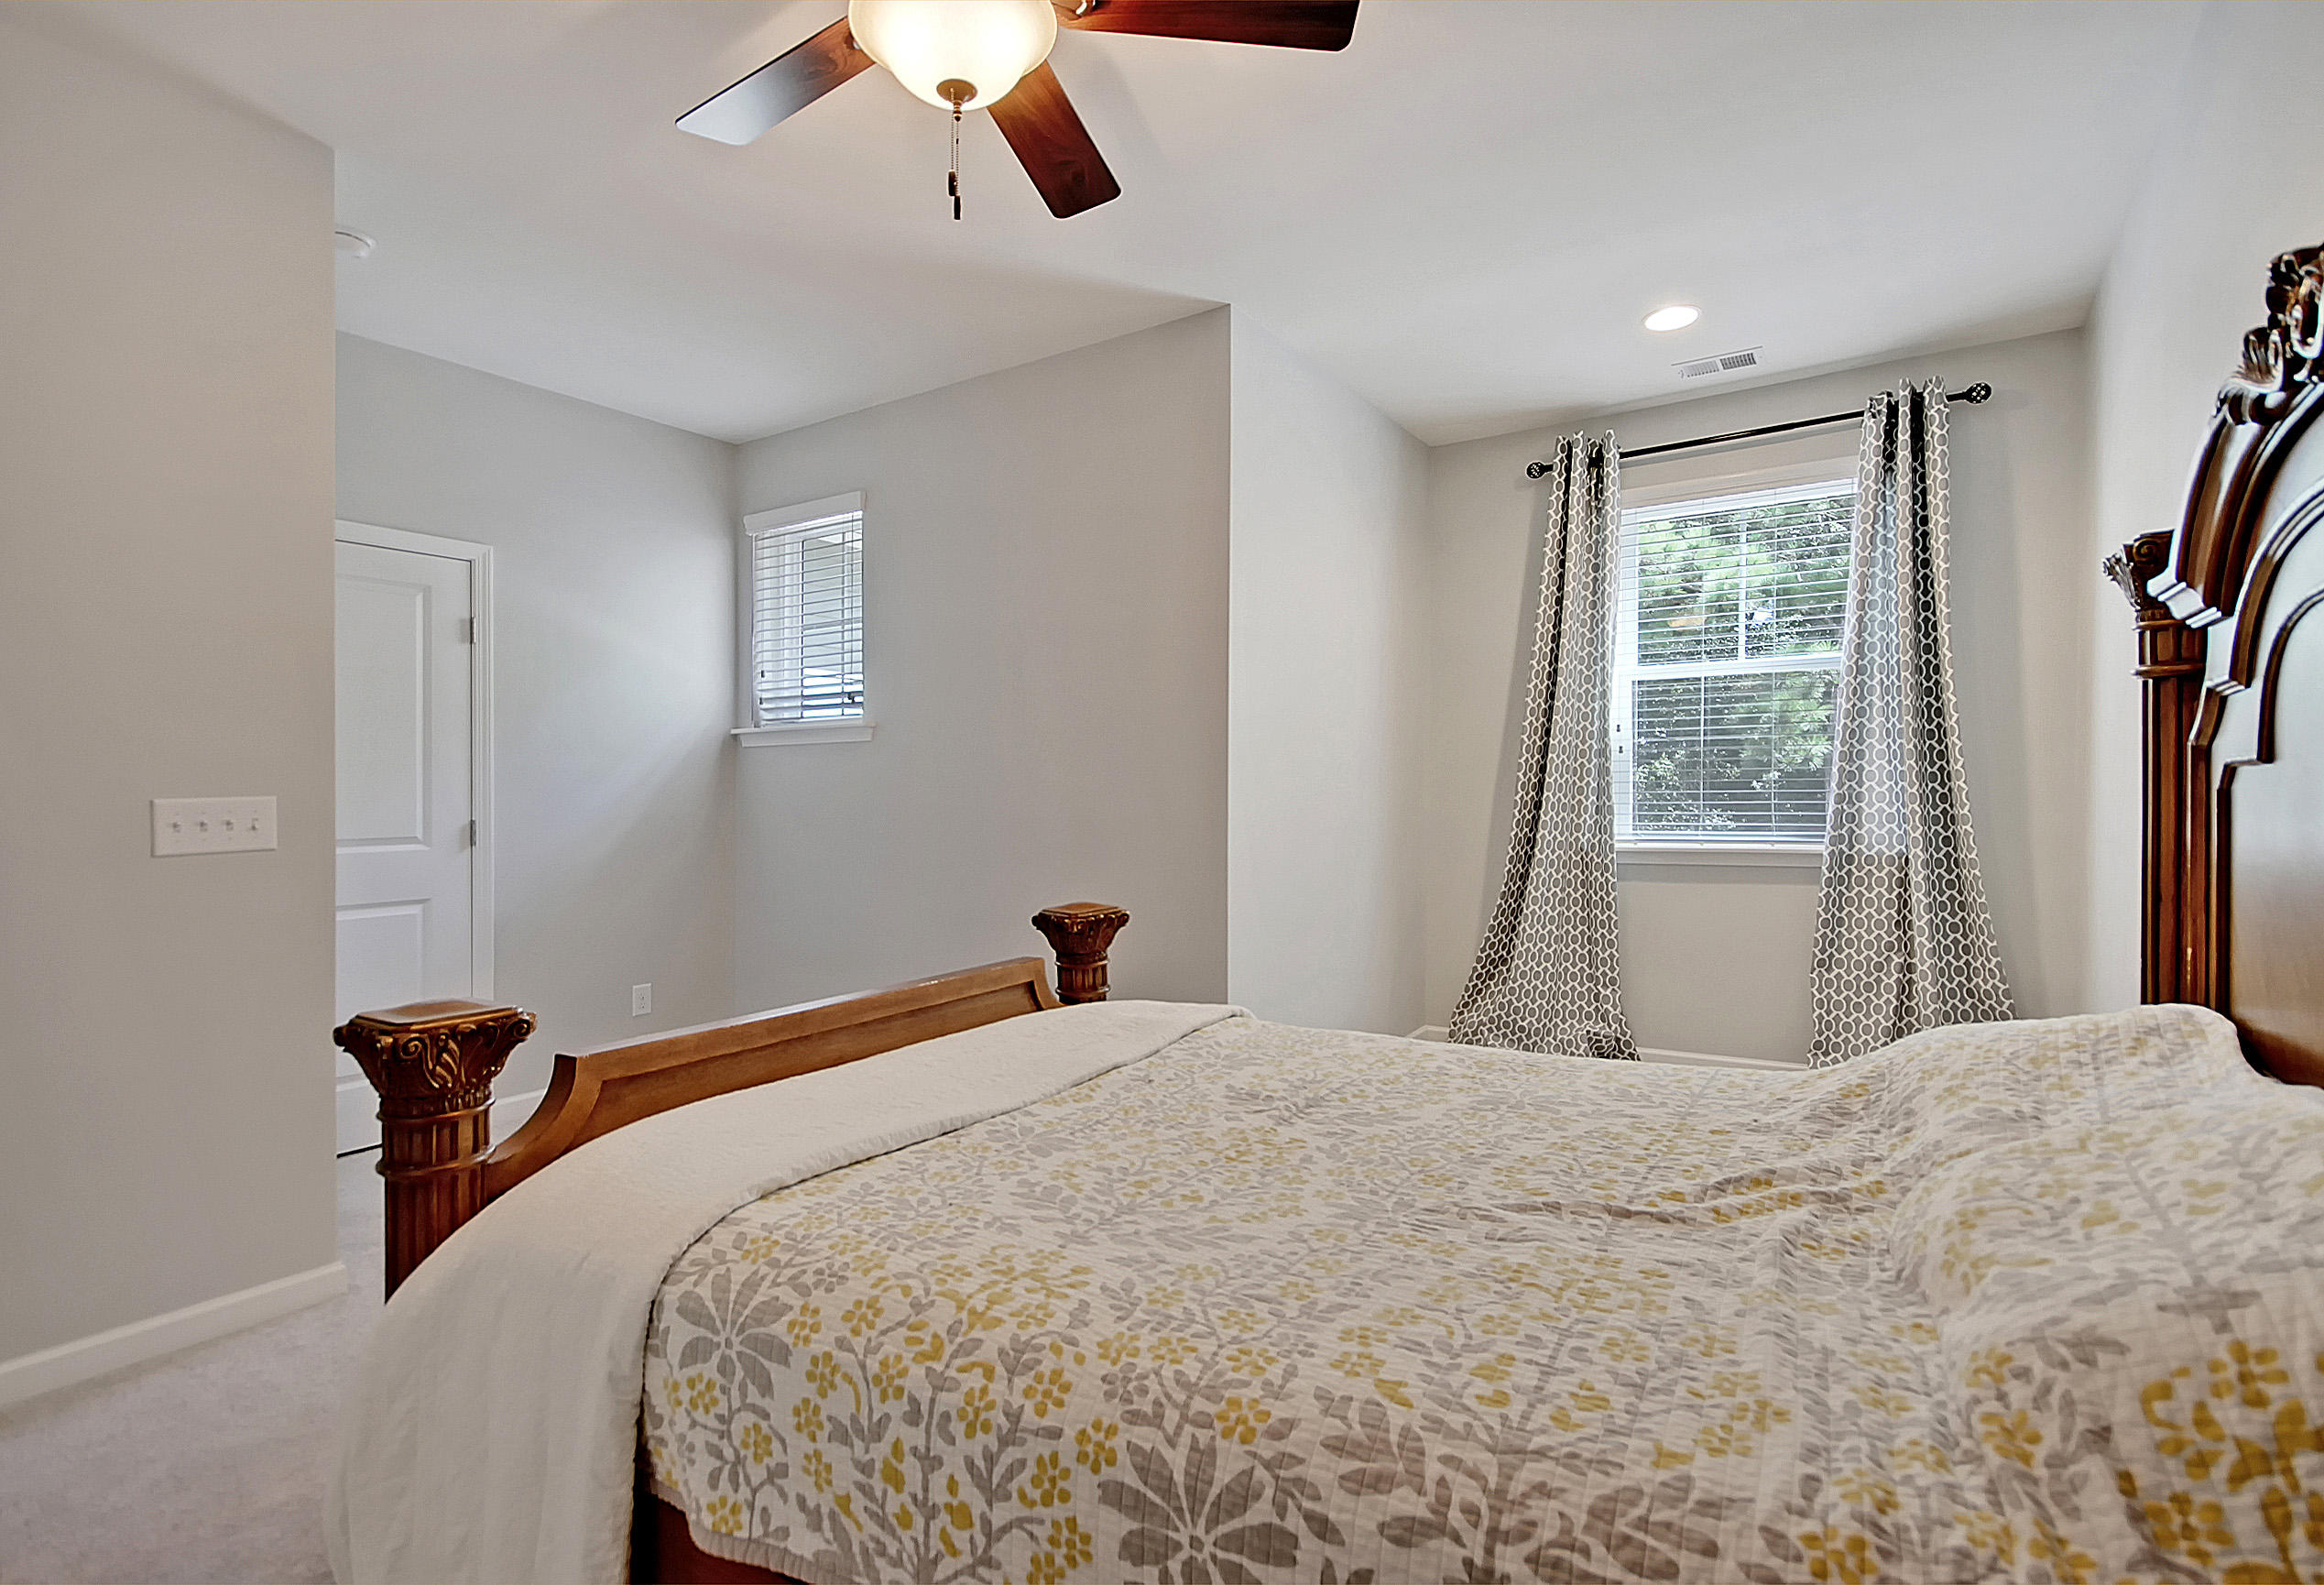 Royal Palms Homes For Sale - 1273 Dingle, Mount Pleasant, SC - 4